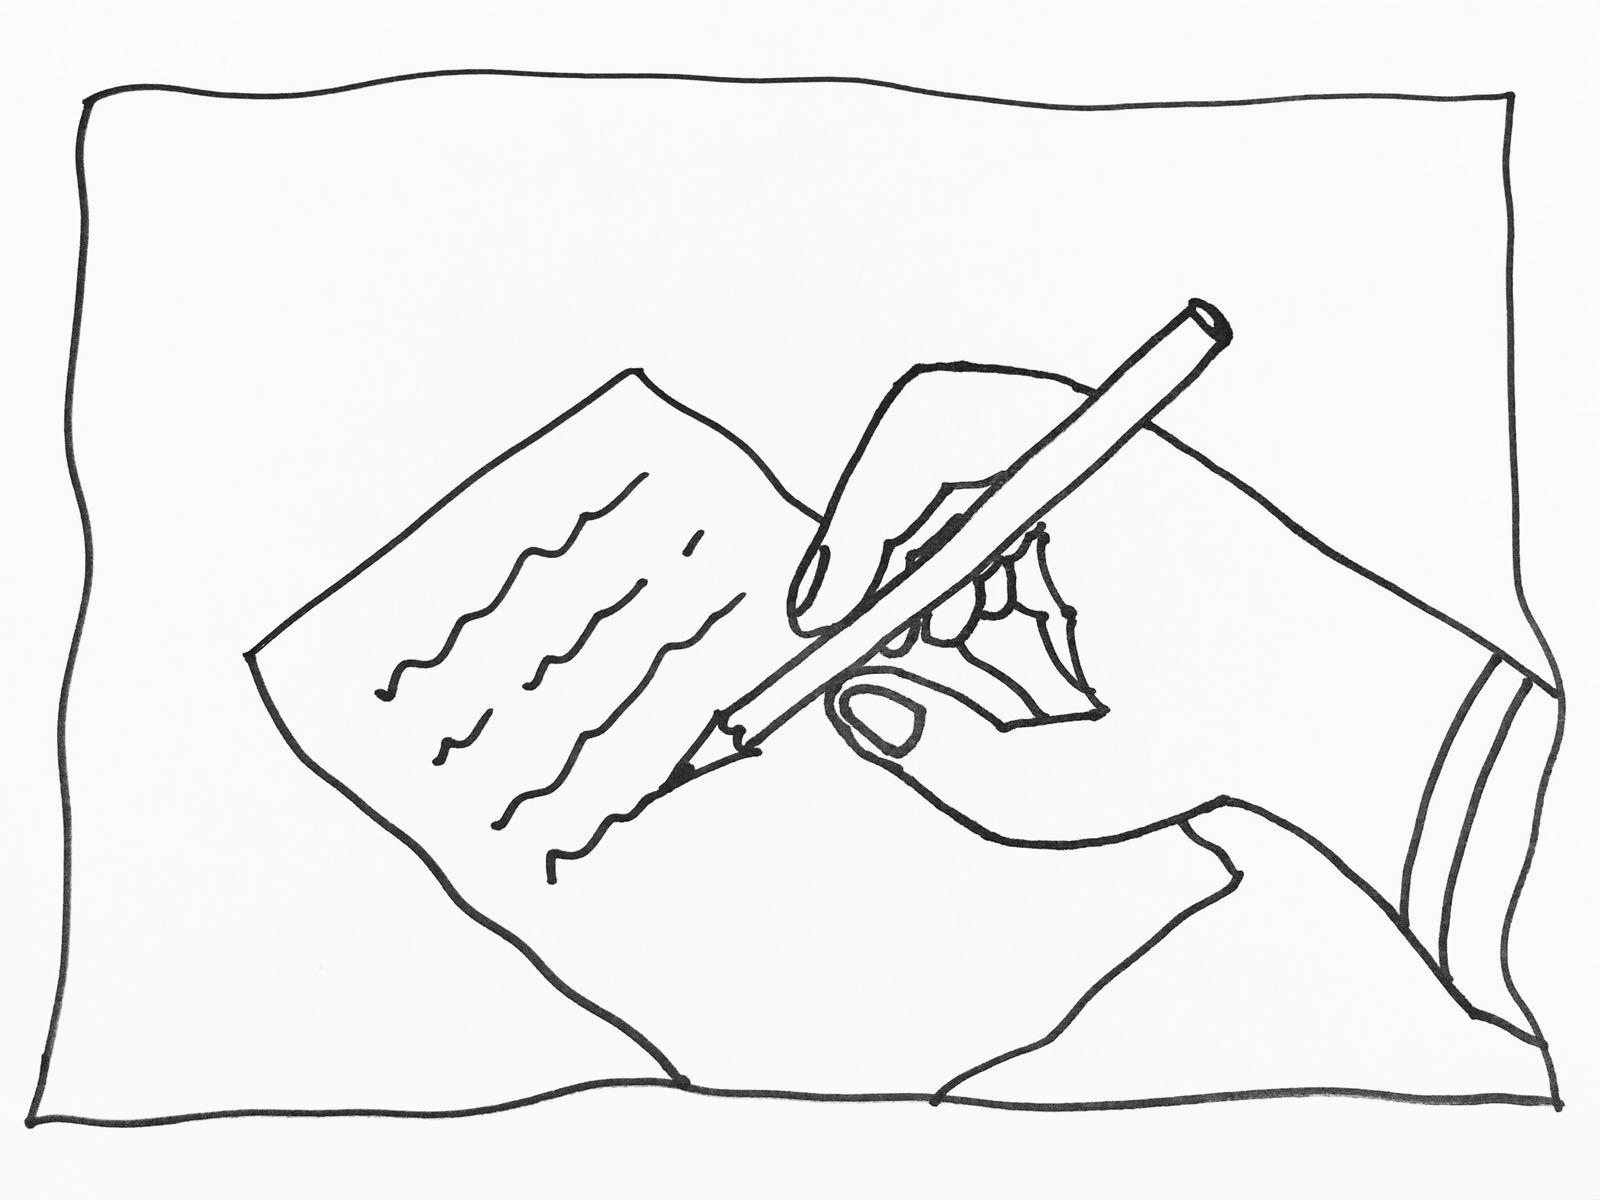 schrijven.jpeg